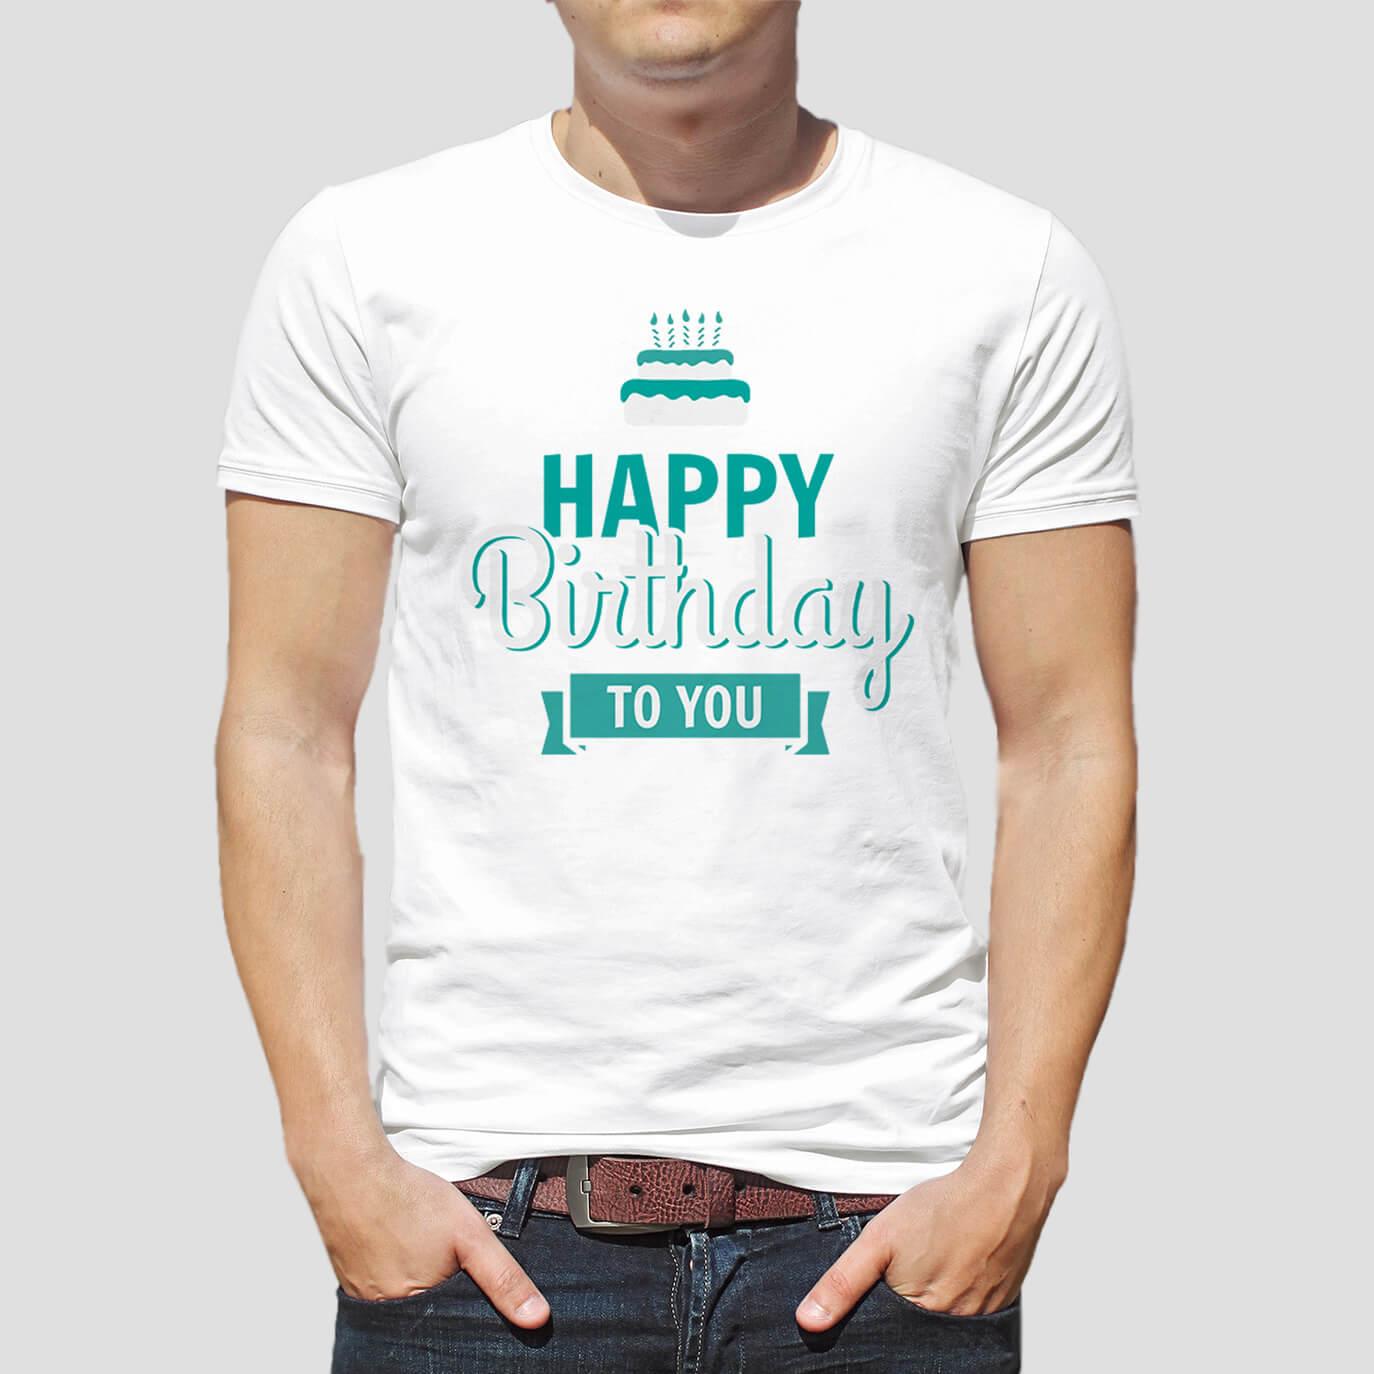 59c692cdc7 Születésnapi póló szereteidnek a legszebb napra a T-shirts.hu-n.